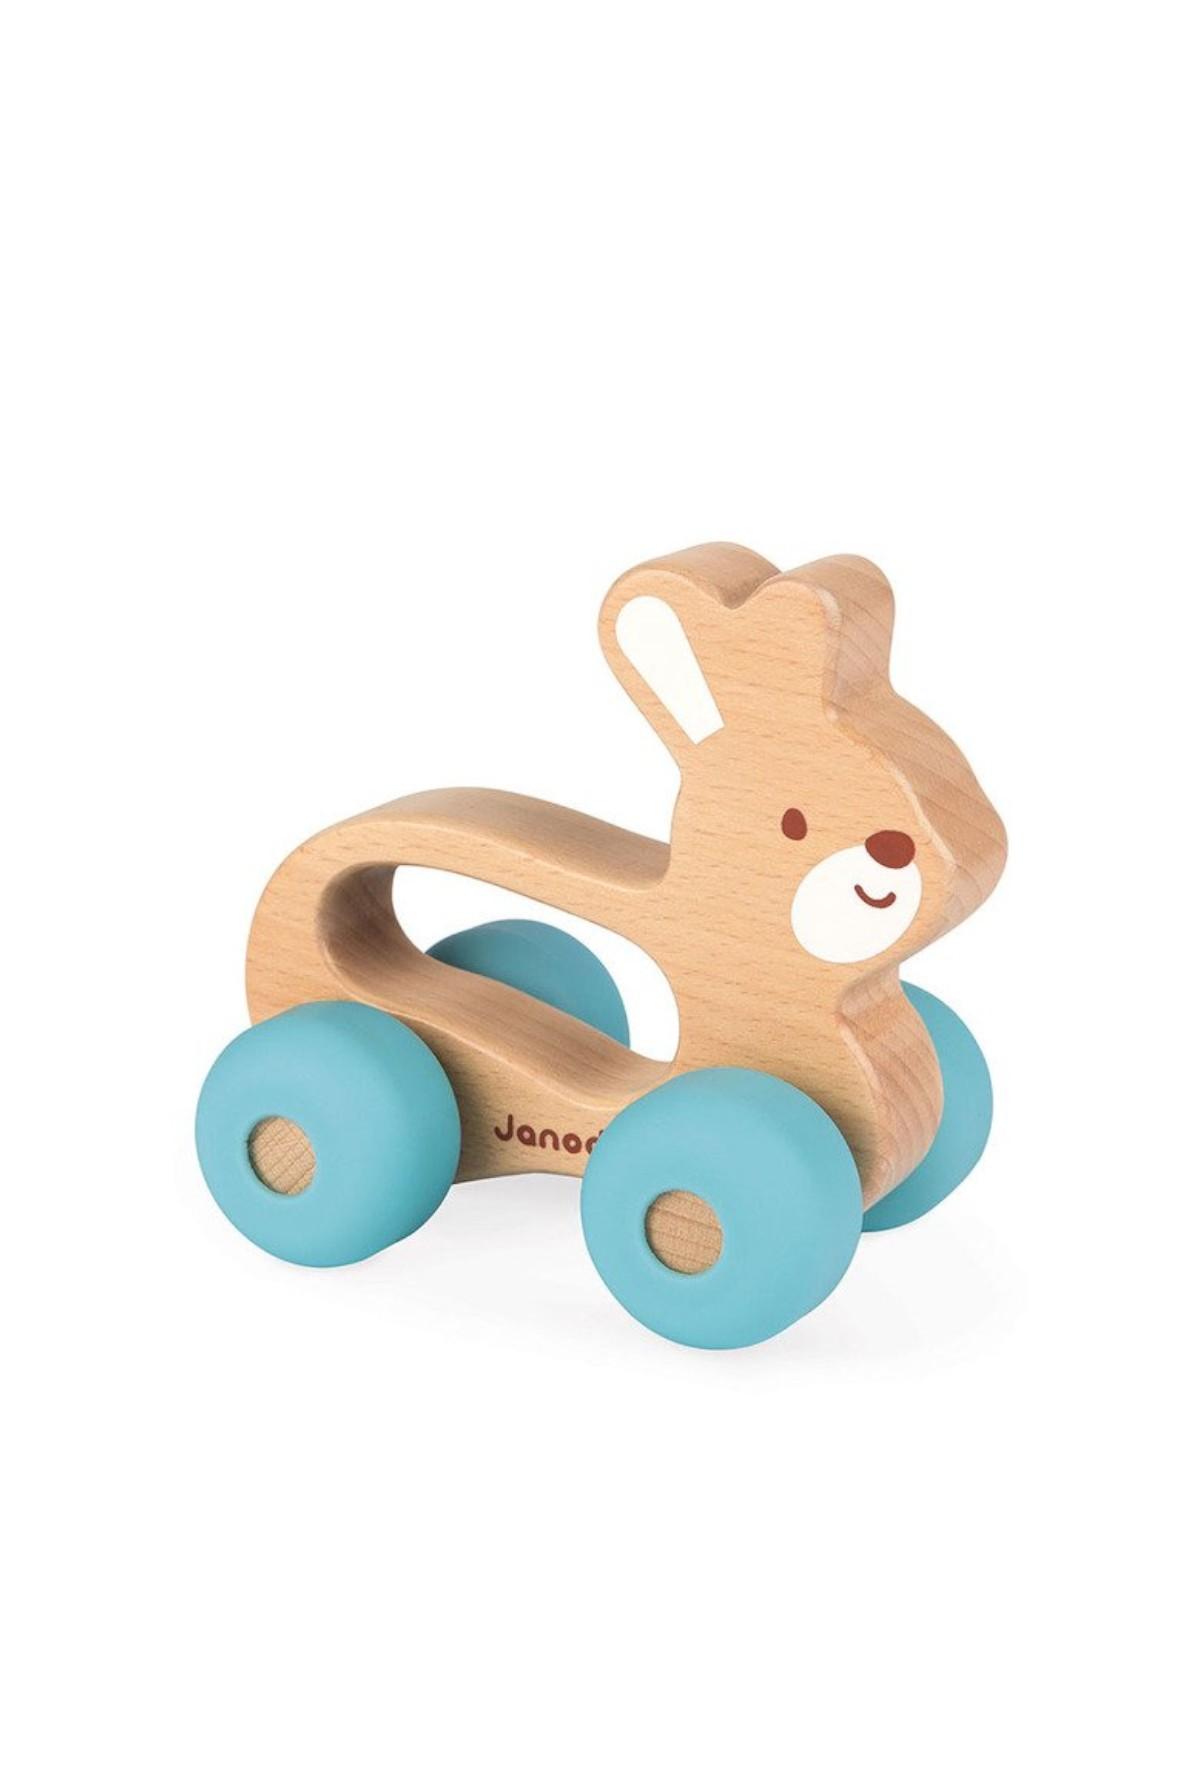 Królik pojazd Baby Pop Janod 12msc+